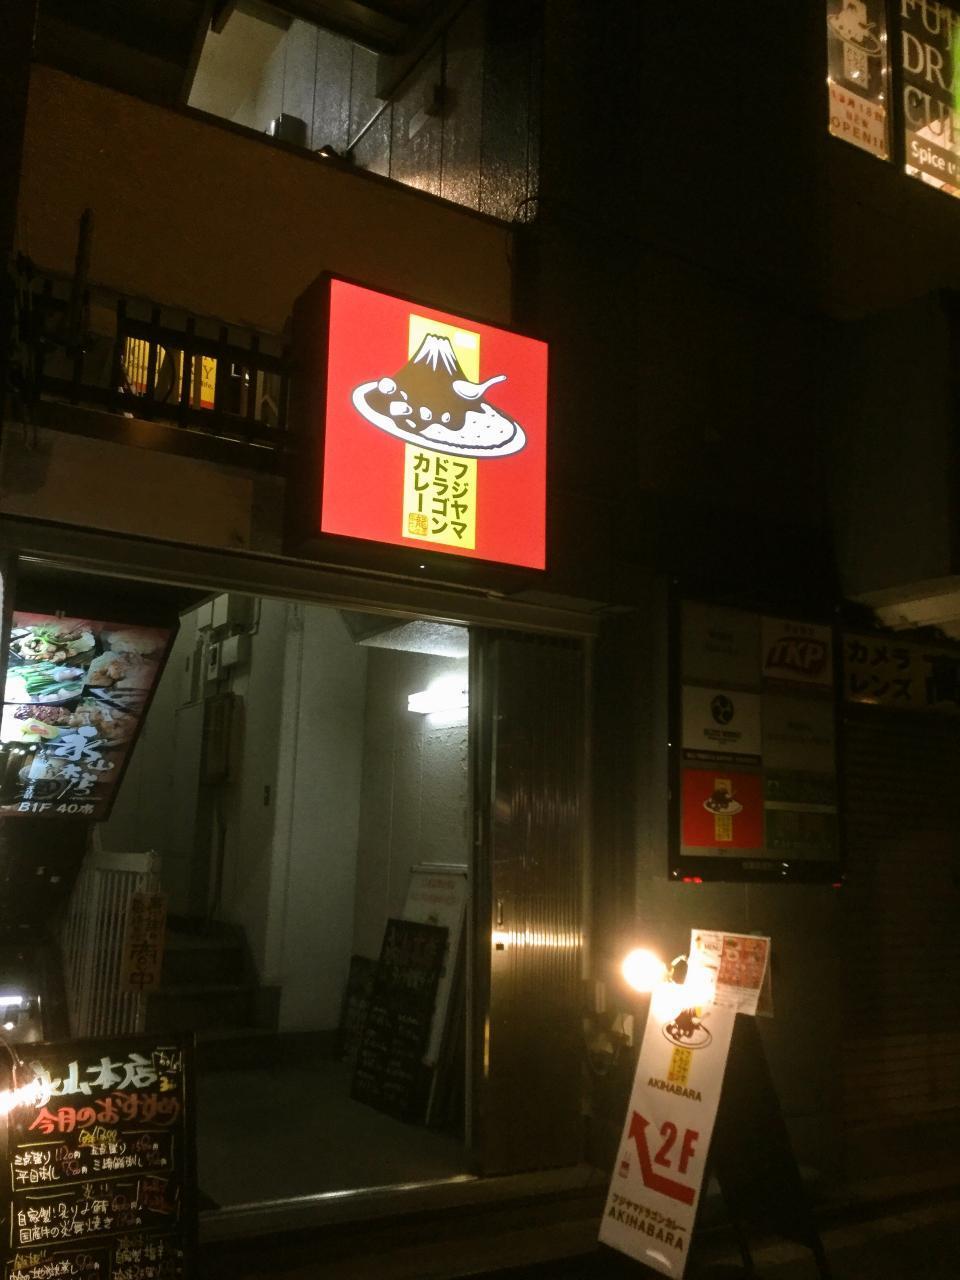 フジヤマドラゴンカレー秋葉原店(店舗)